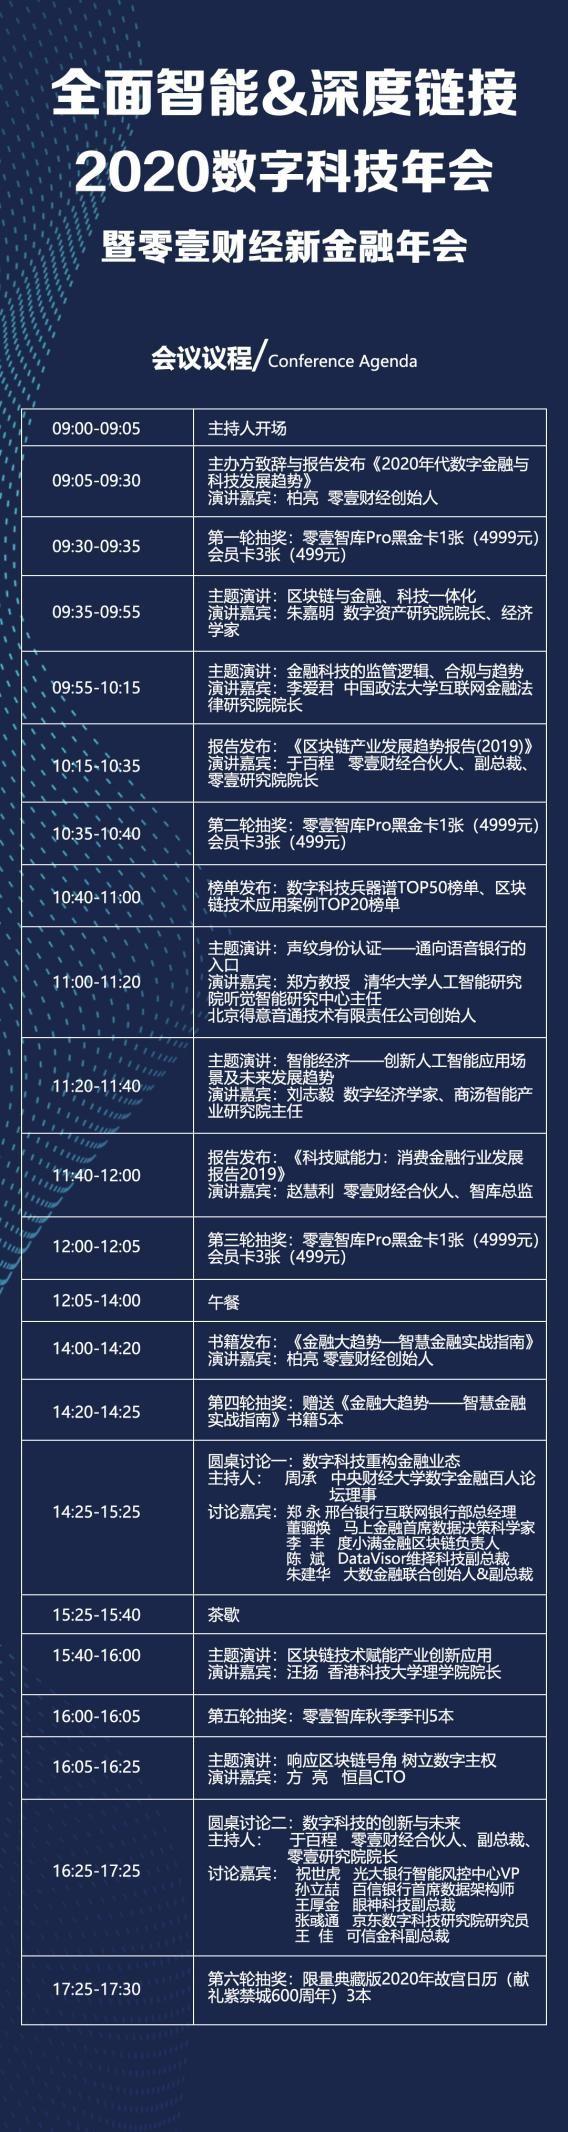 全面智能 深度链接 2019数字科技年会暨零壹财经新金融年会